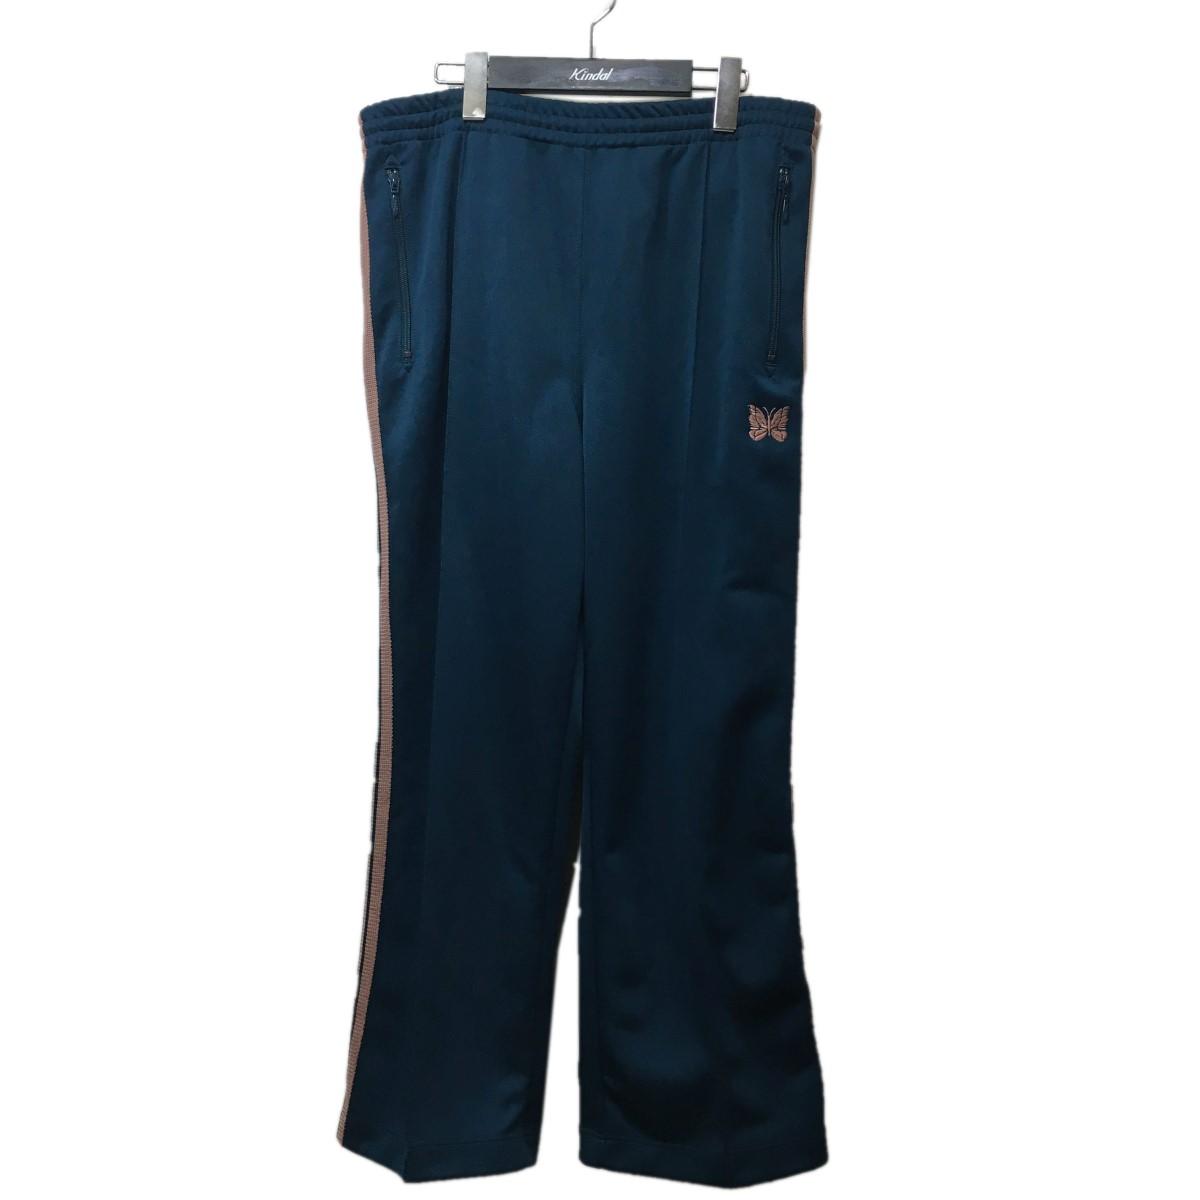 メンズファッション, ズボン・パンツ Needles BOOT CUT TRACK PANTS L 021021